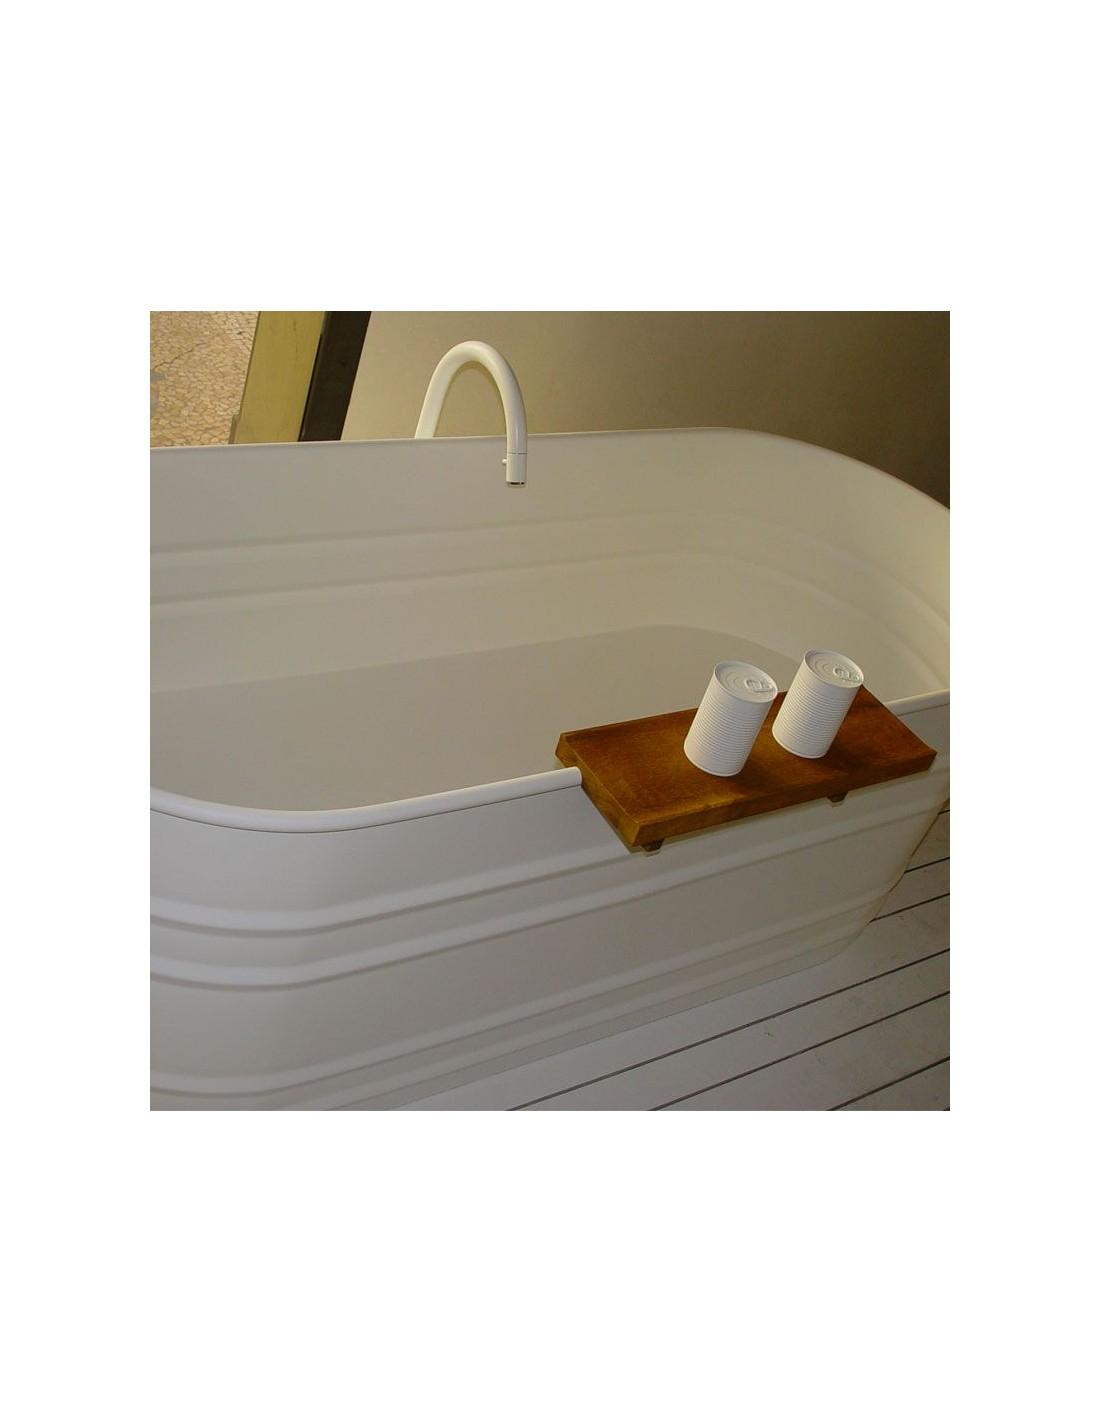 Tablette porte objets pour baignoire Vieques  de la marque Agape